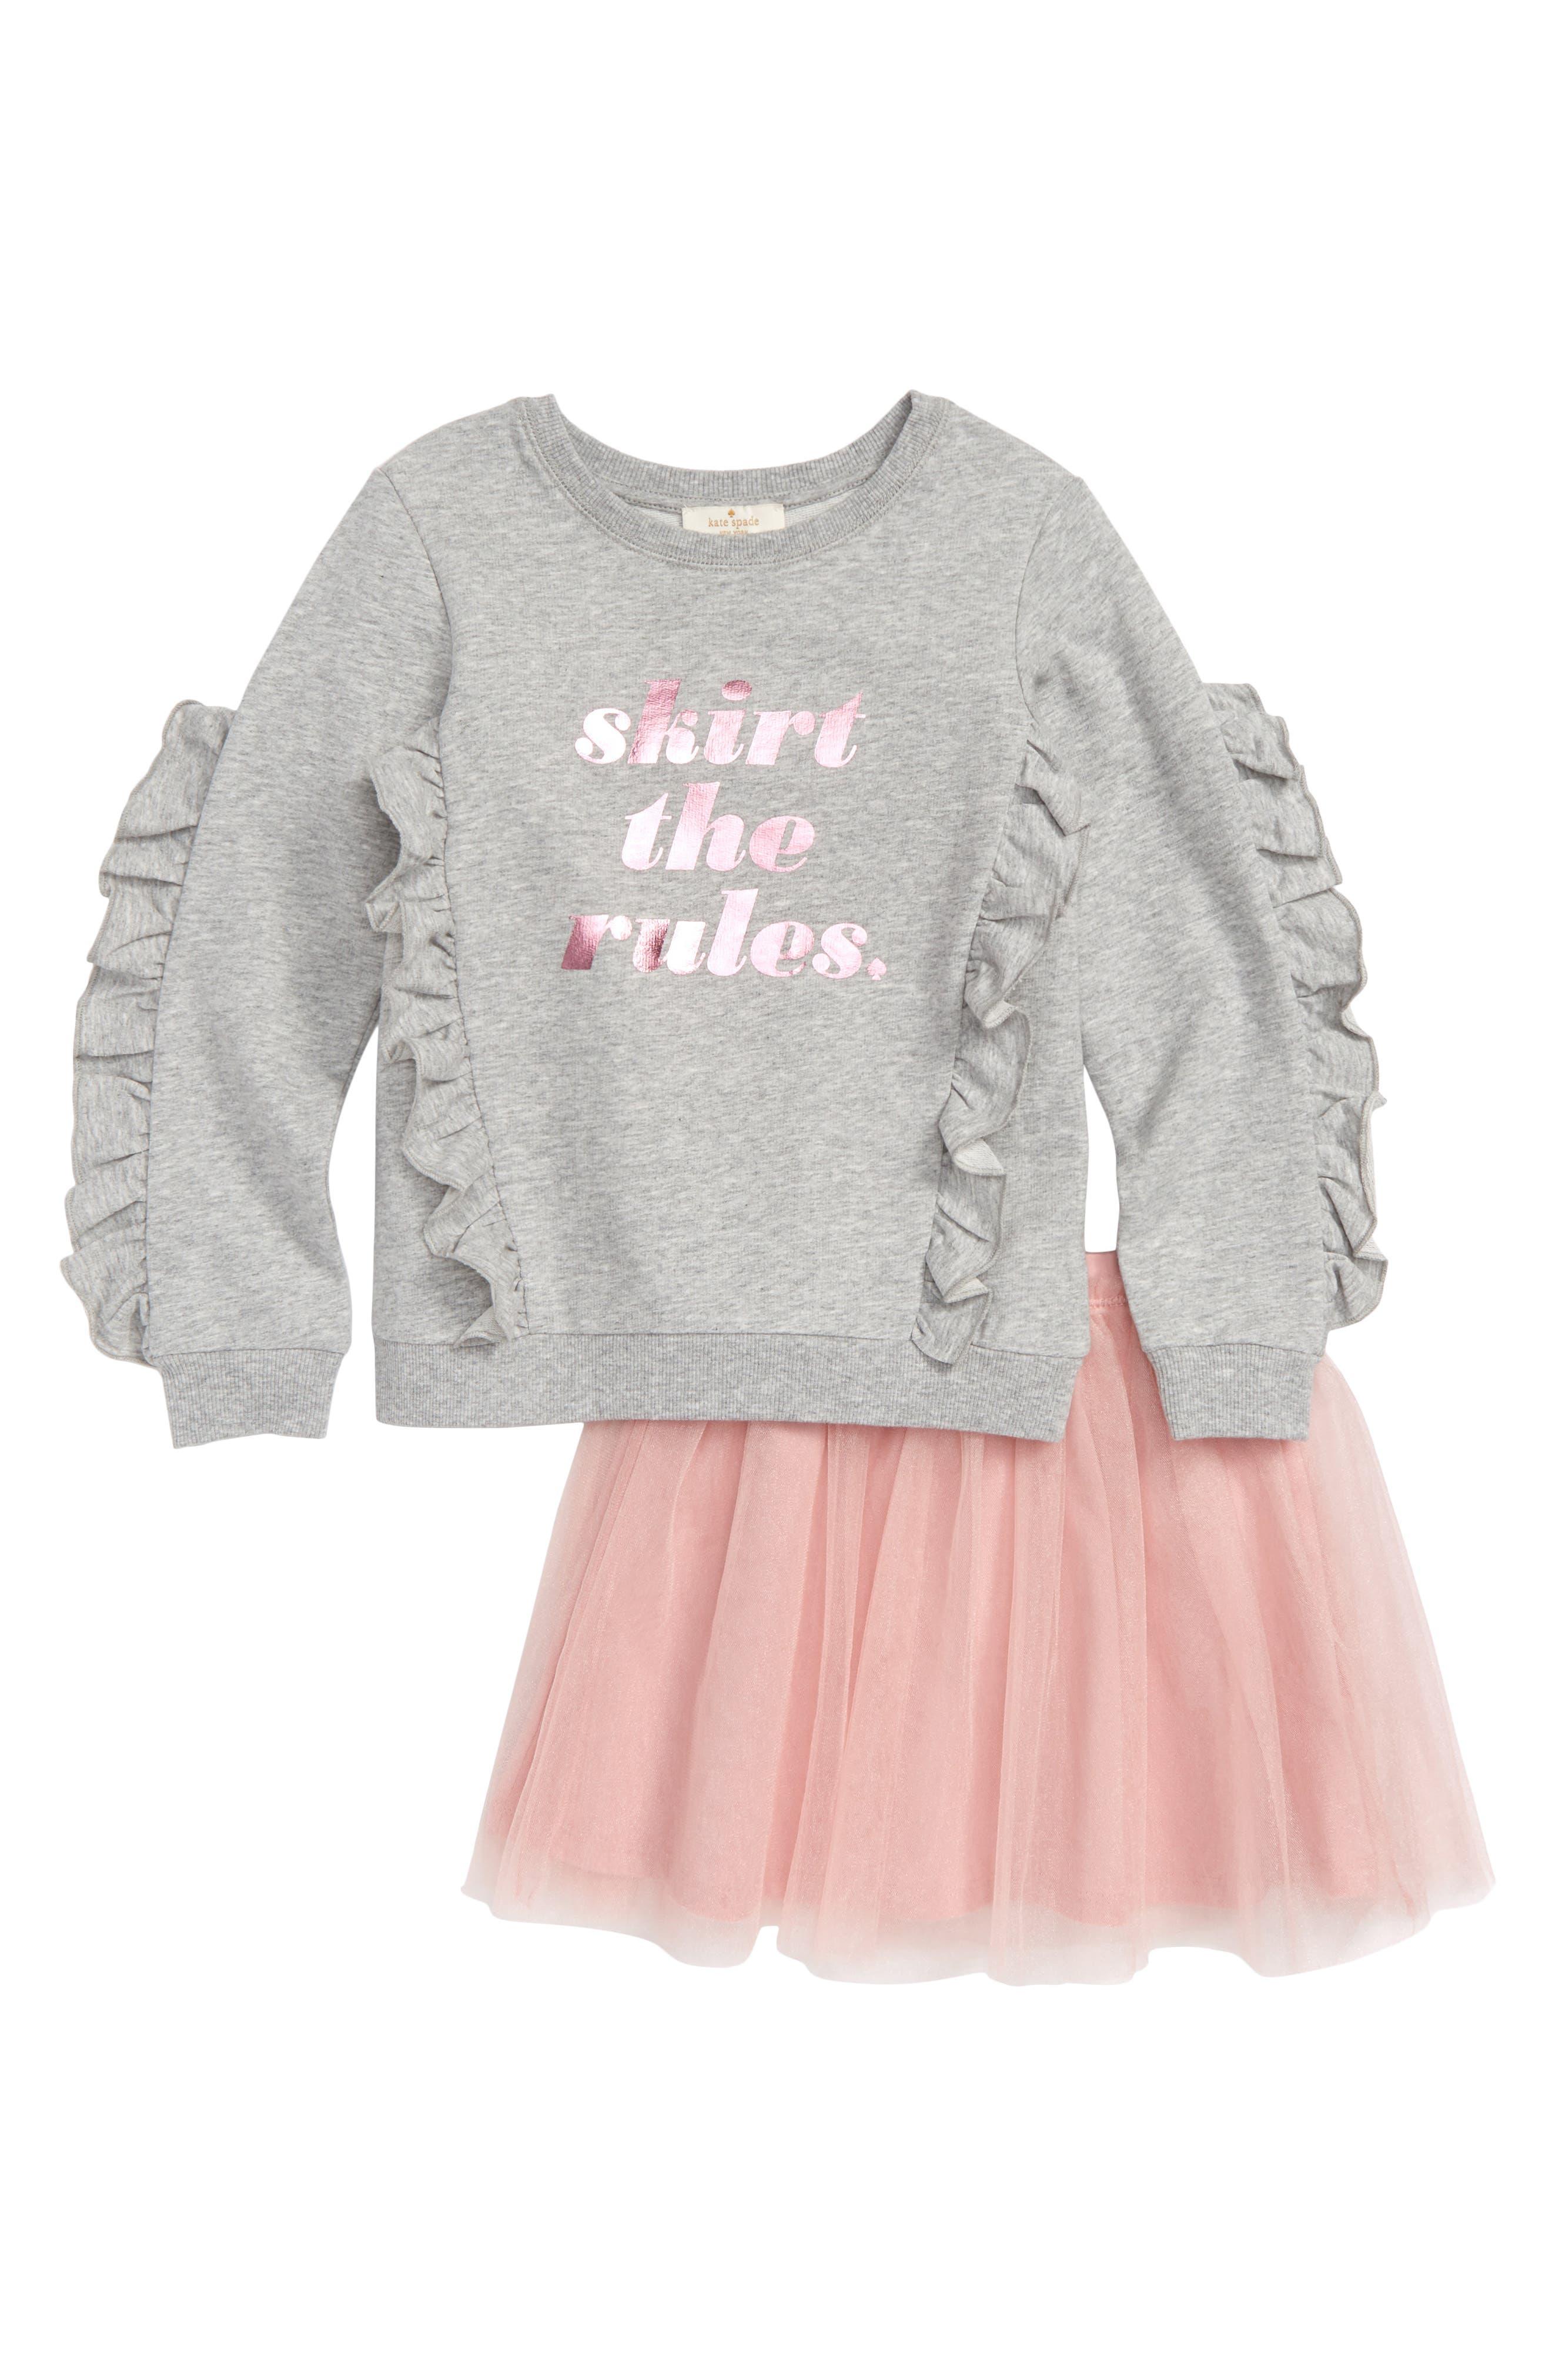 Girls Kate Spade New York Skirt The Rules Sweatshirt  Tulle Skirt Set